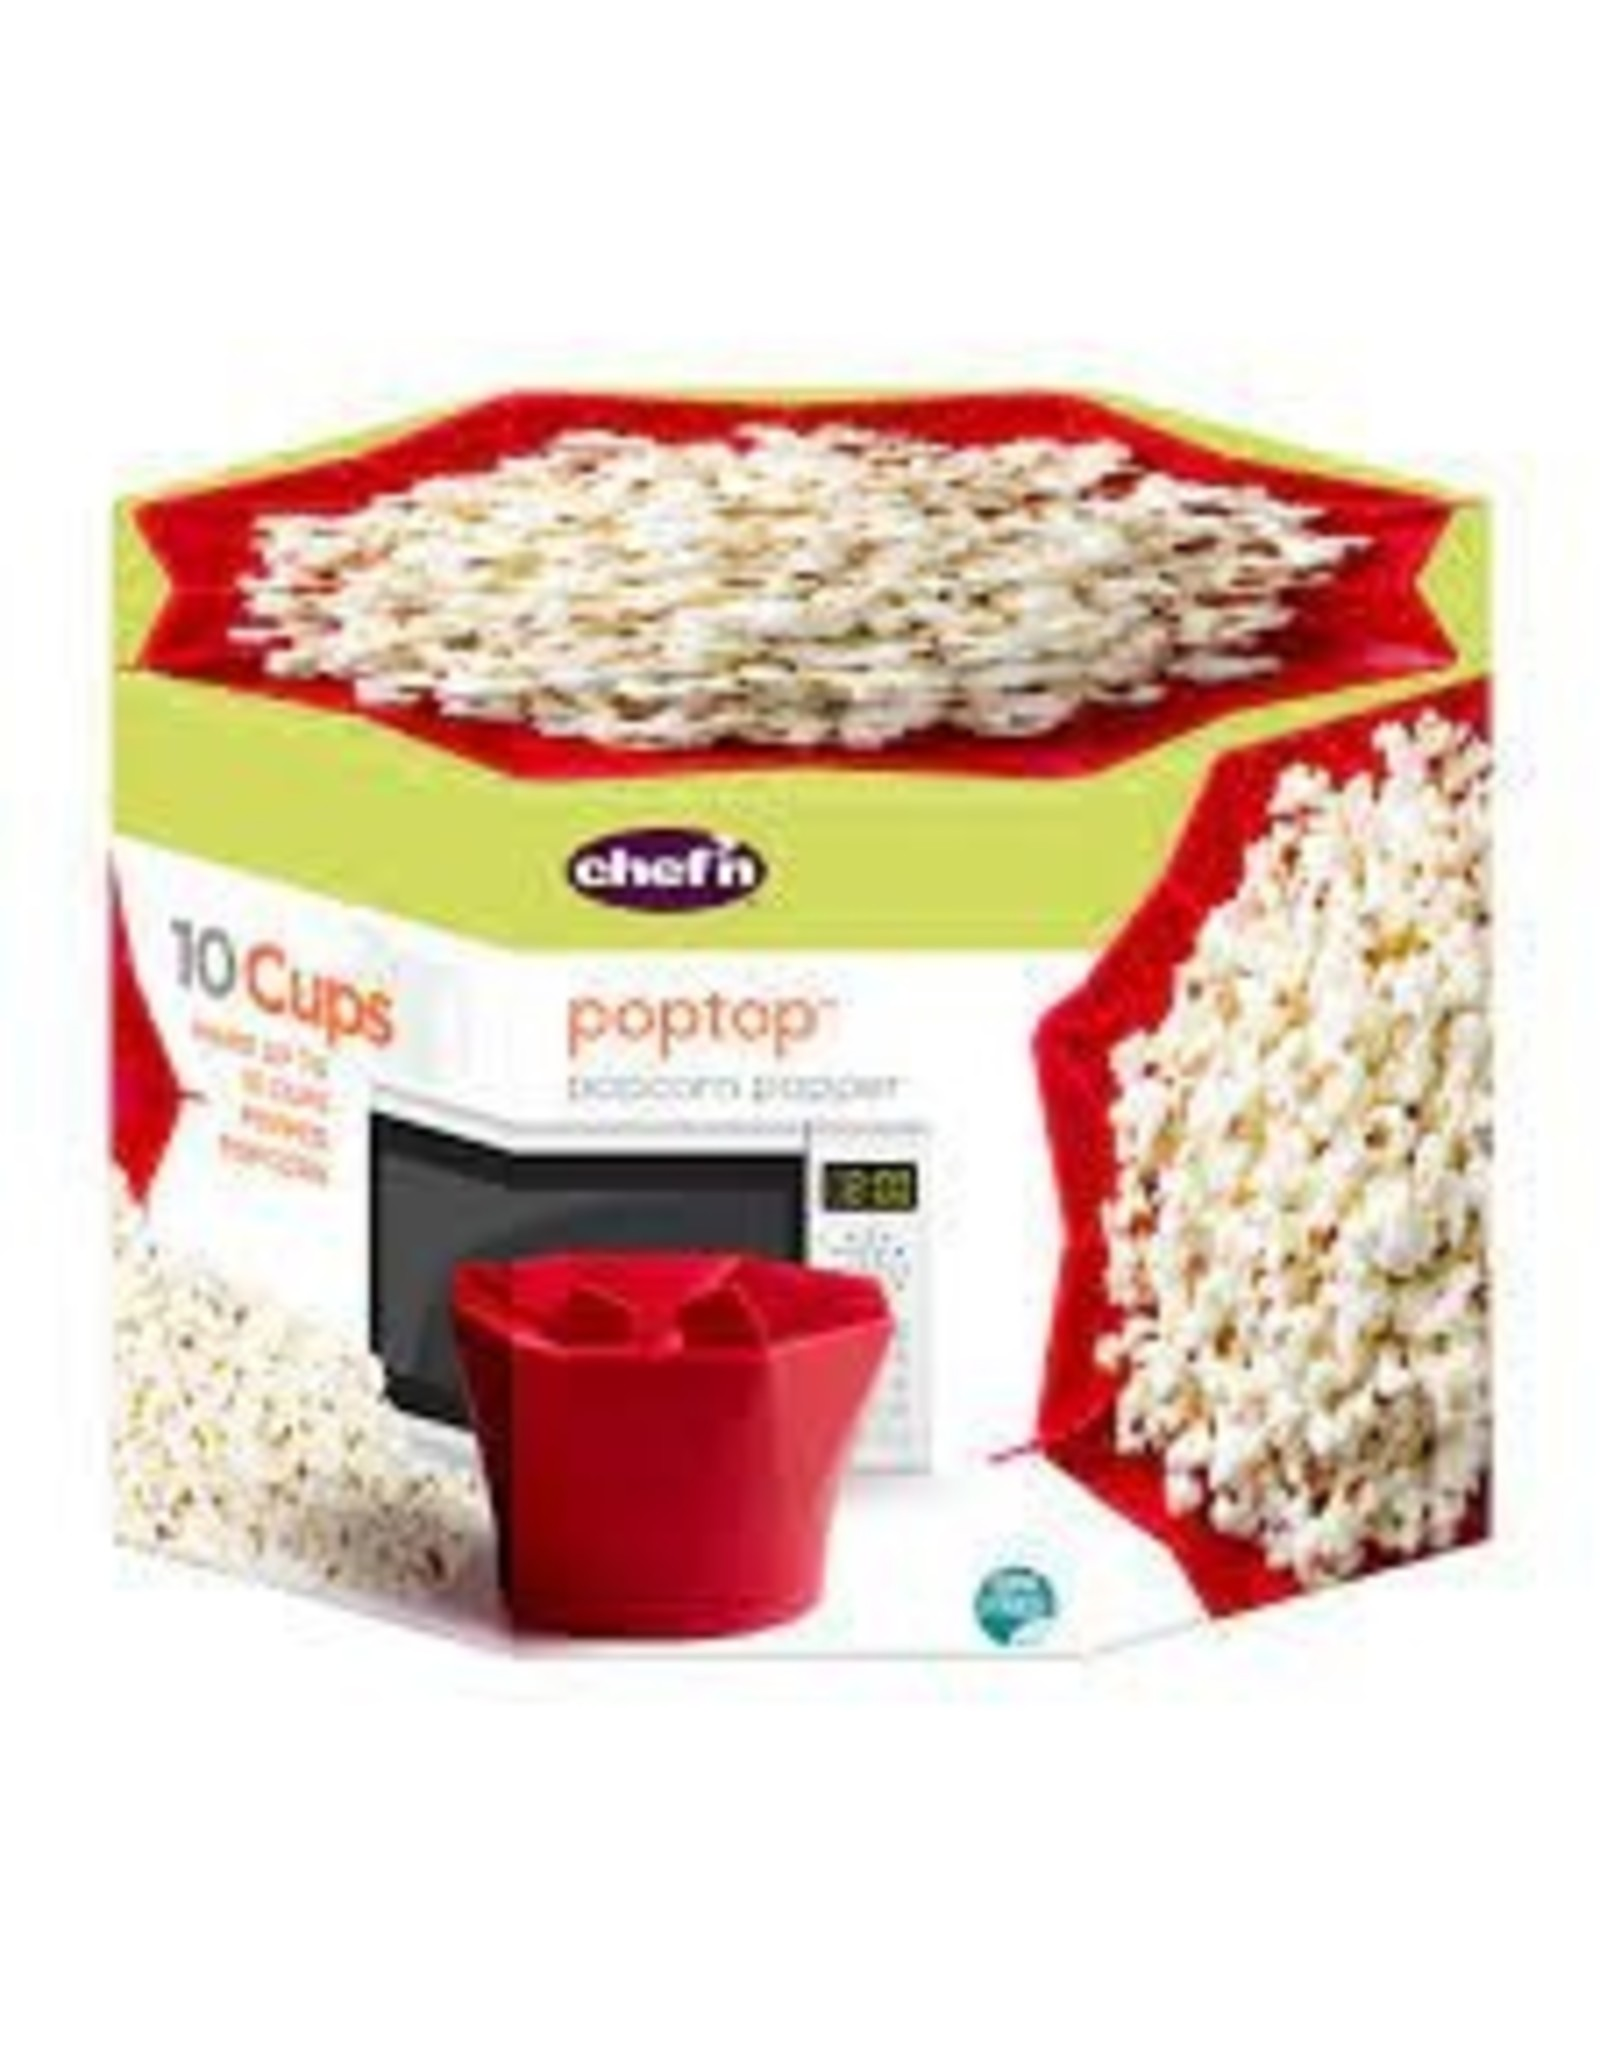 Chef'n CHEF'n-Popcorn Popper